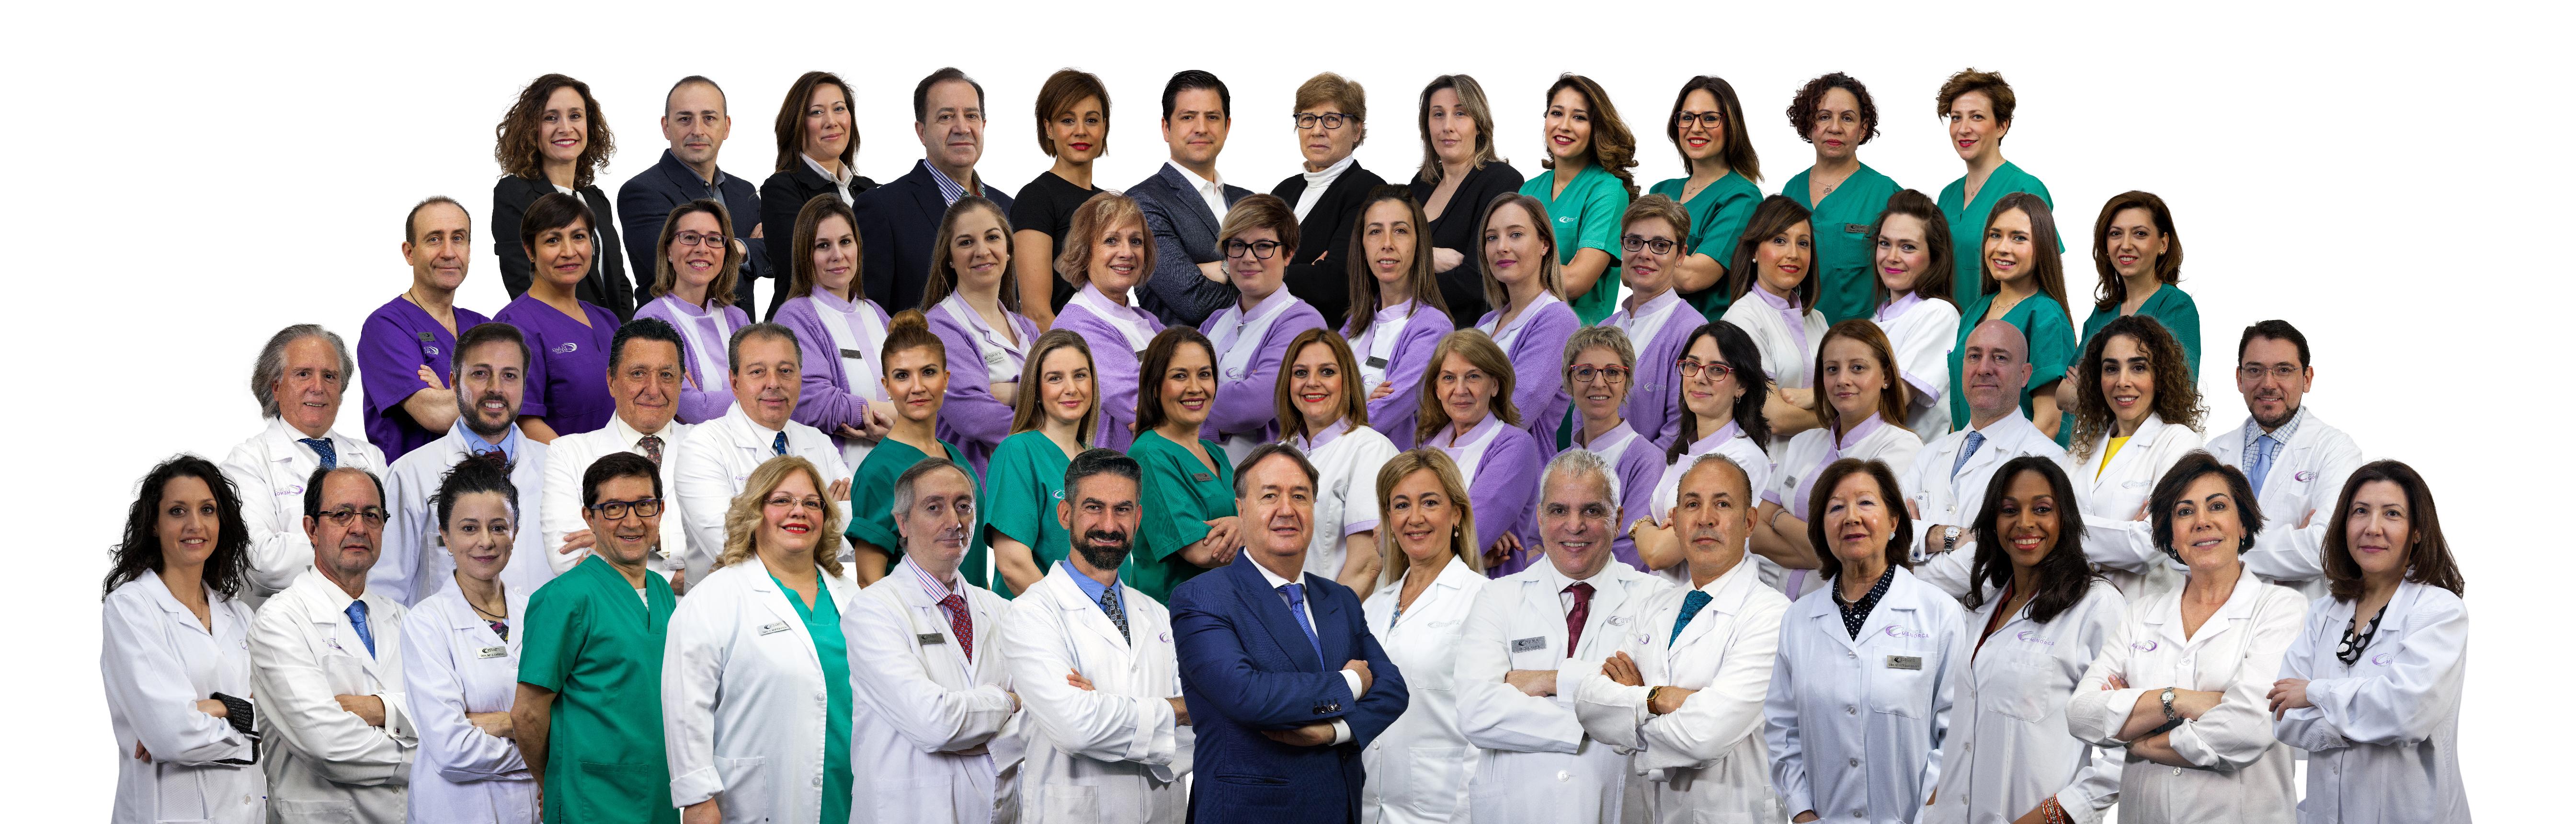 equipo-medico-Clínica-Menorca